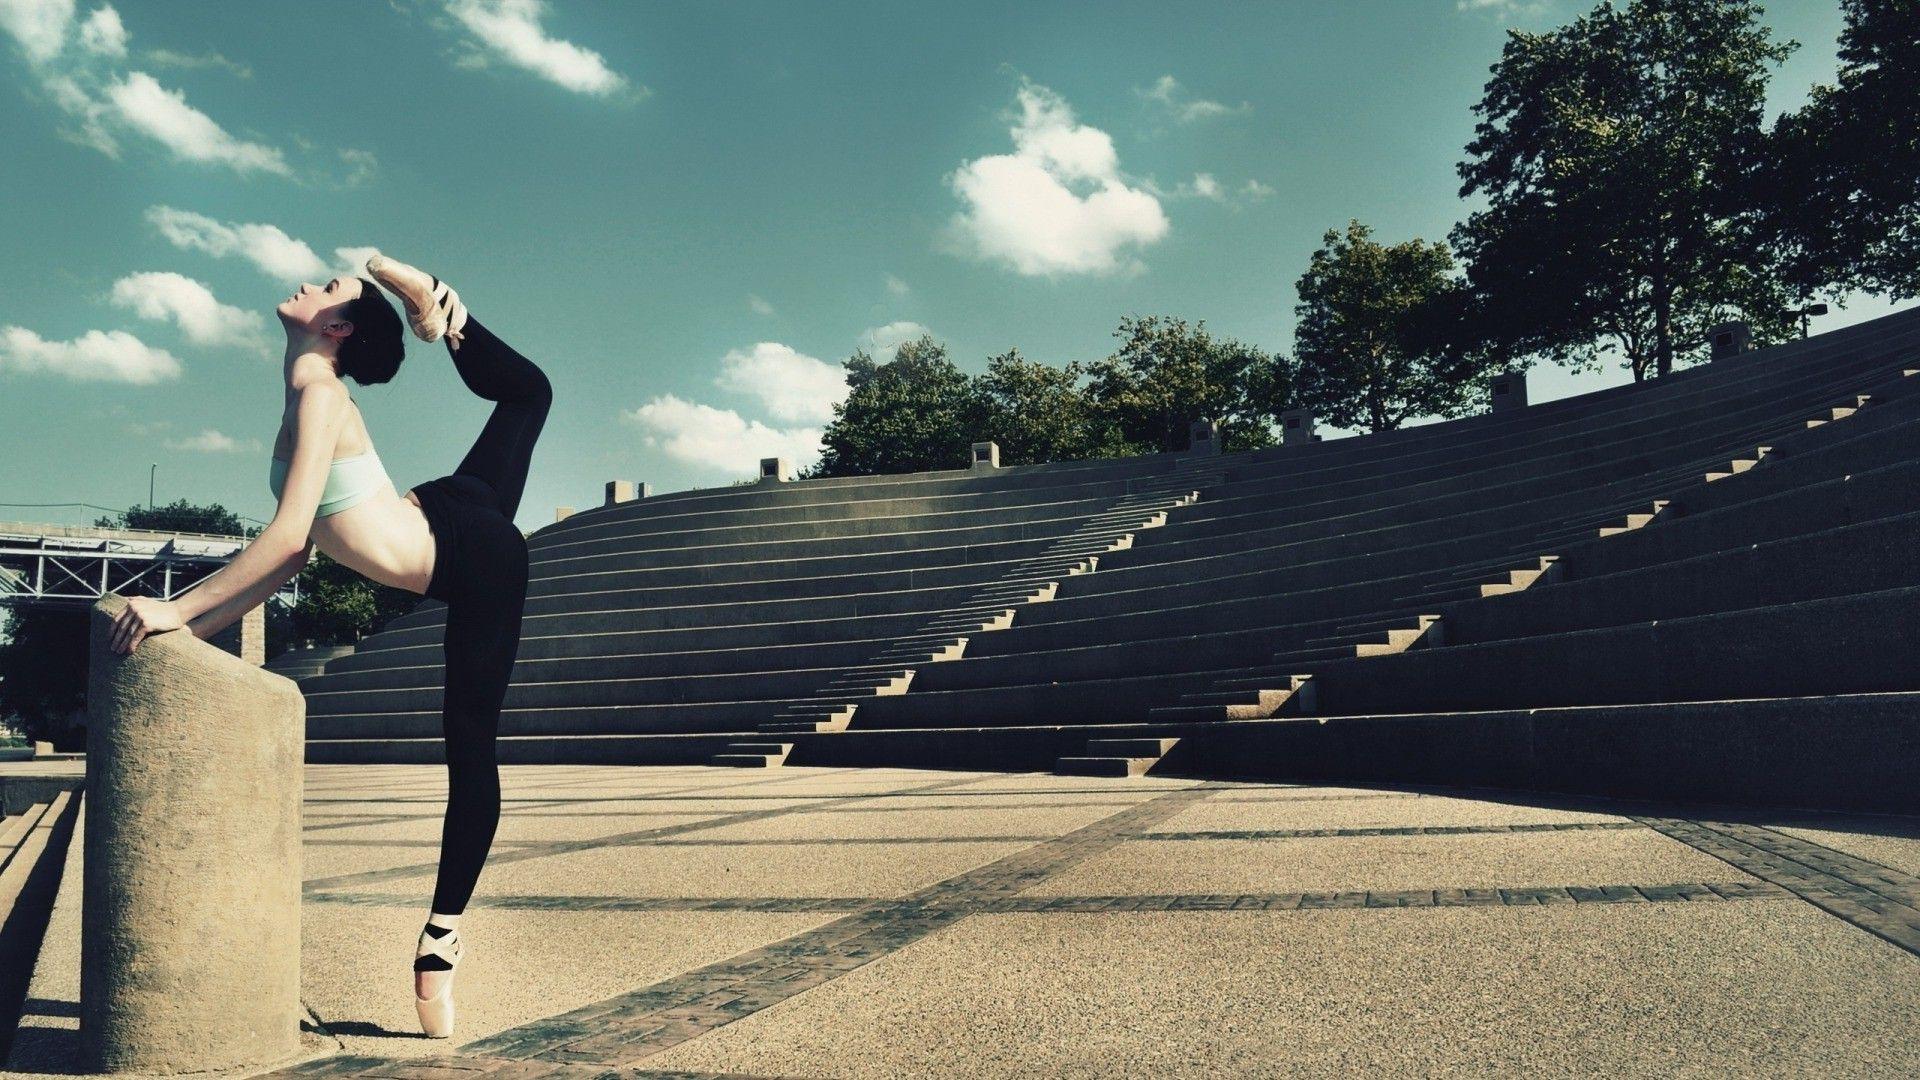 Ballet Dancer Wallpaper Free Wide Hd Wallpaper: Ballet Dancer Wallpaper - Free Wide HD Wallpaper